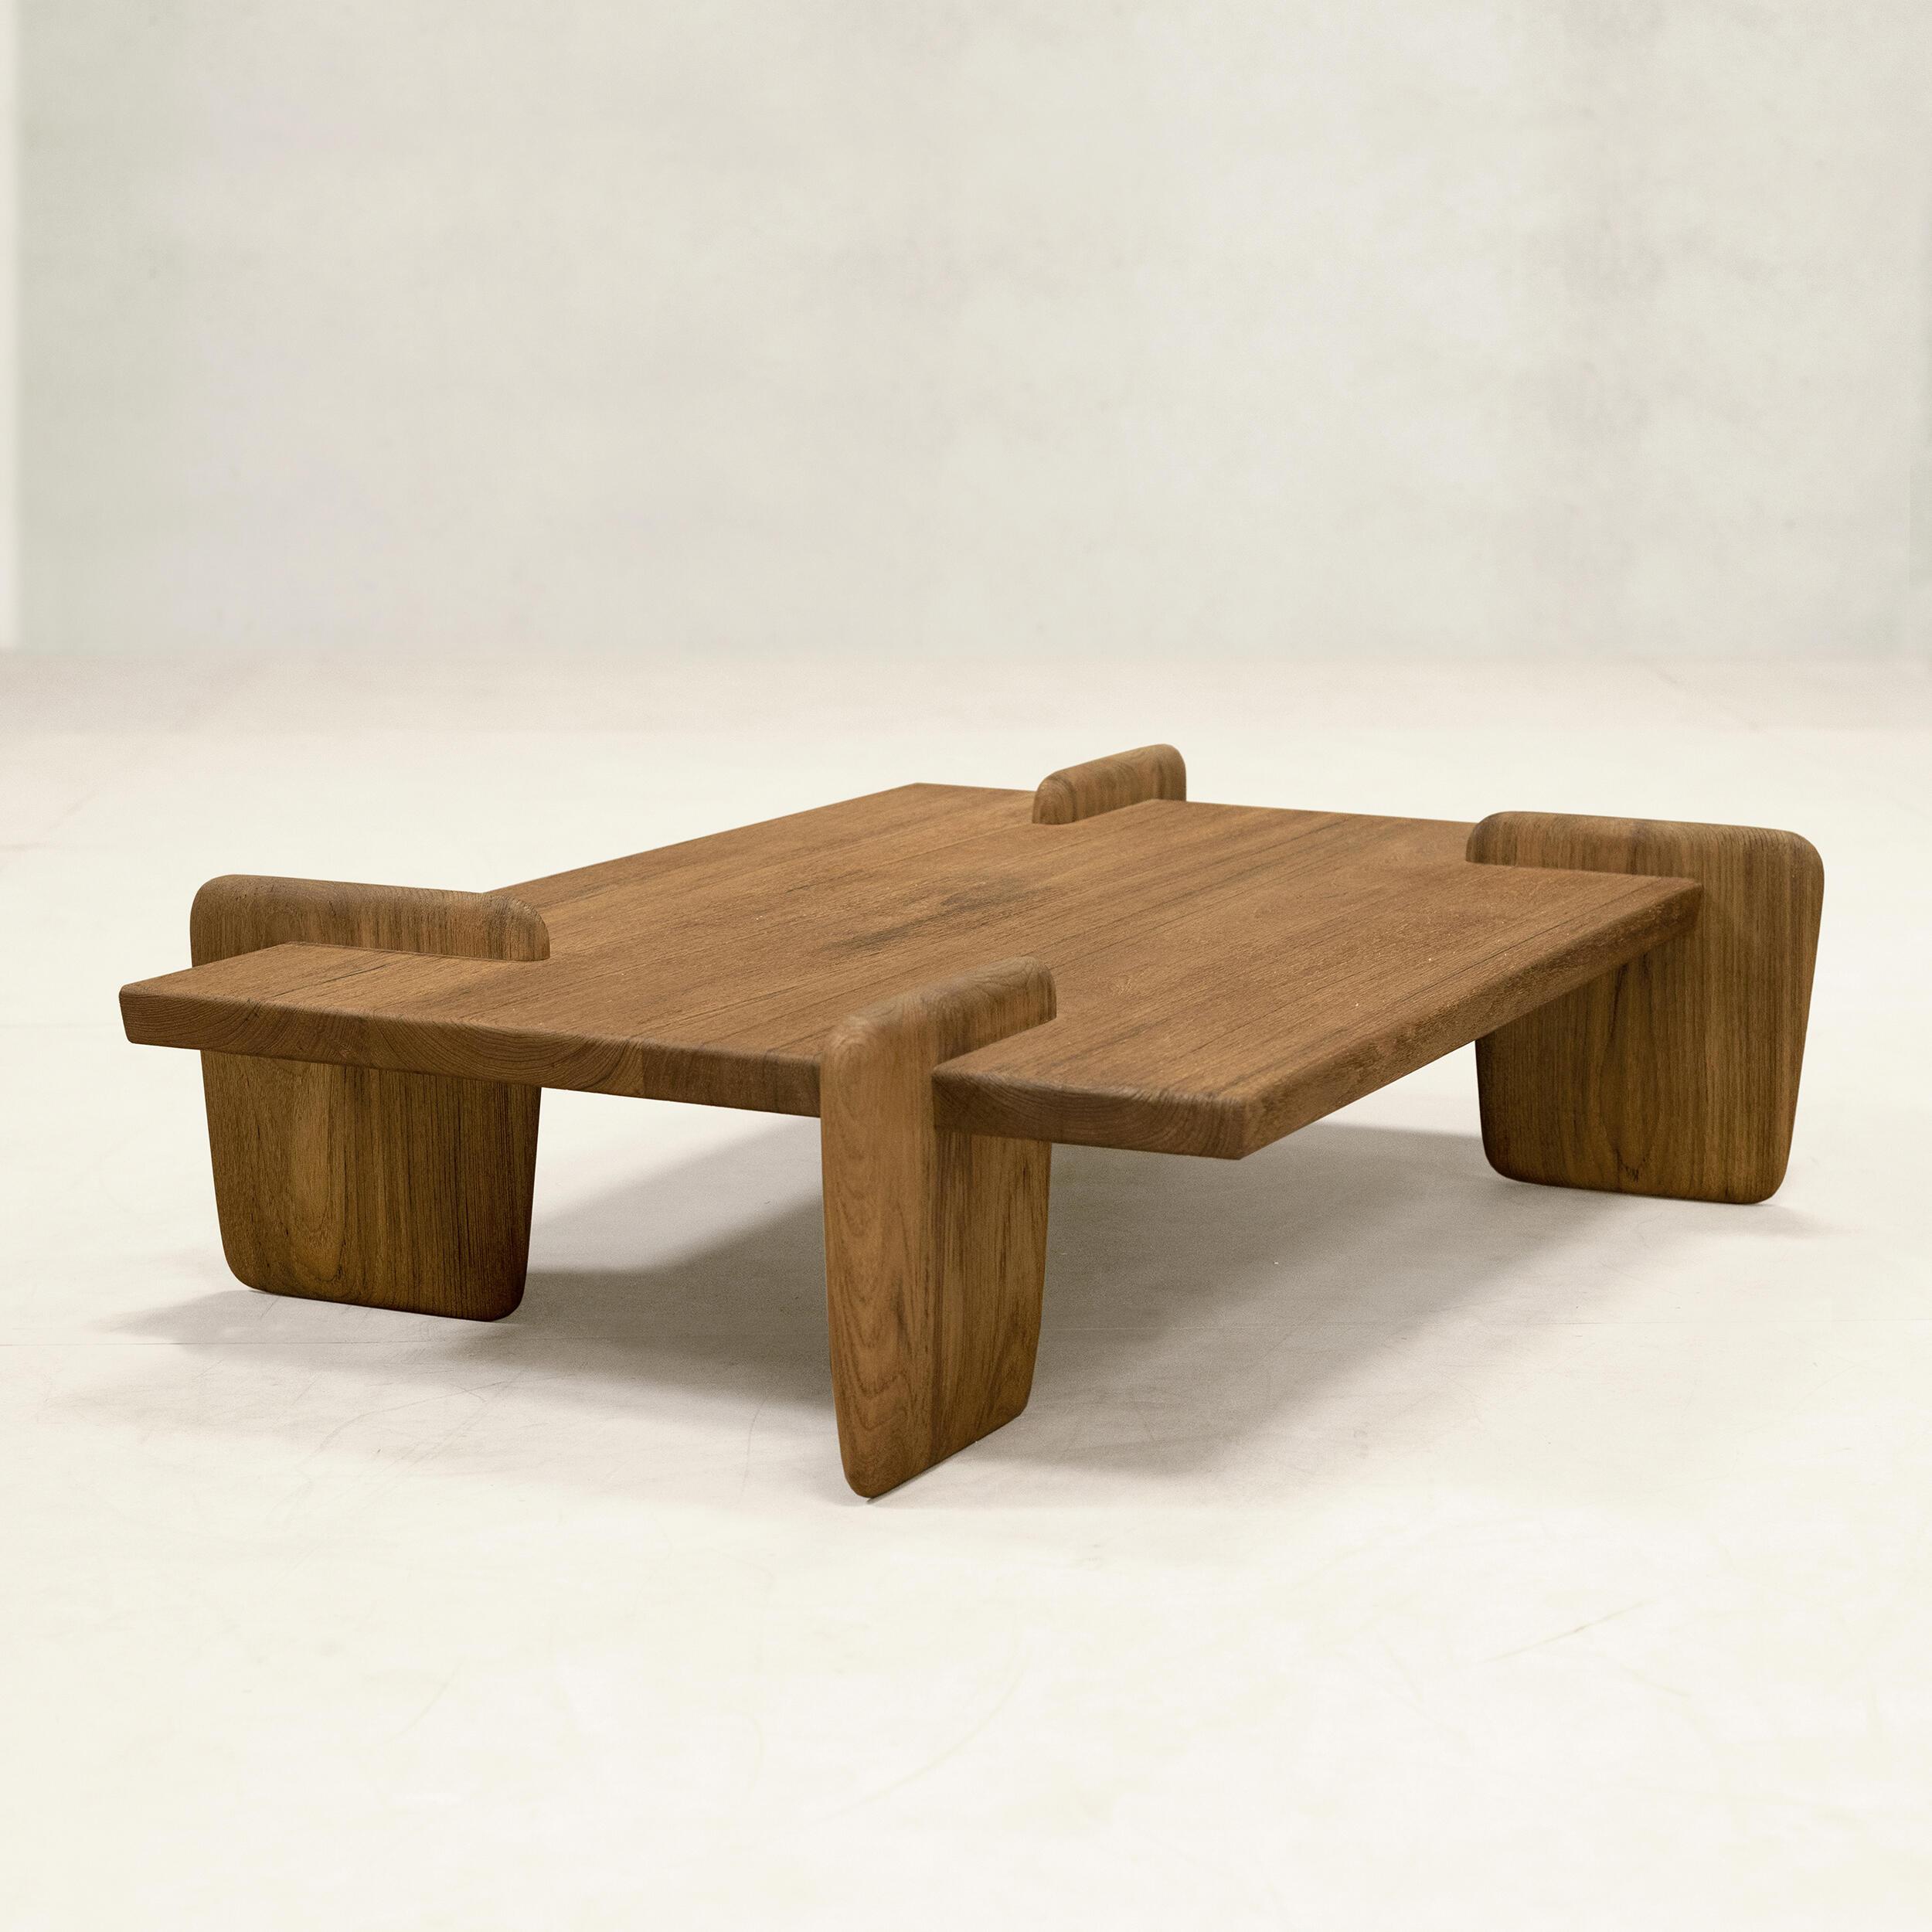 x+l チーク コーヒーテーブル ローテーブル ミニマル